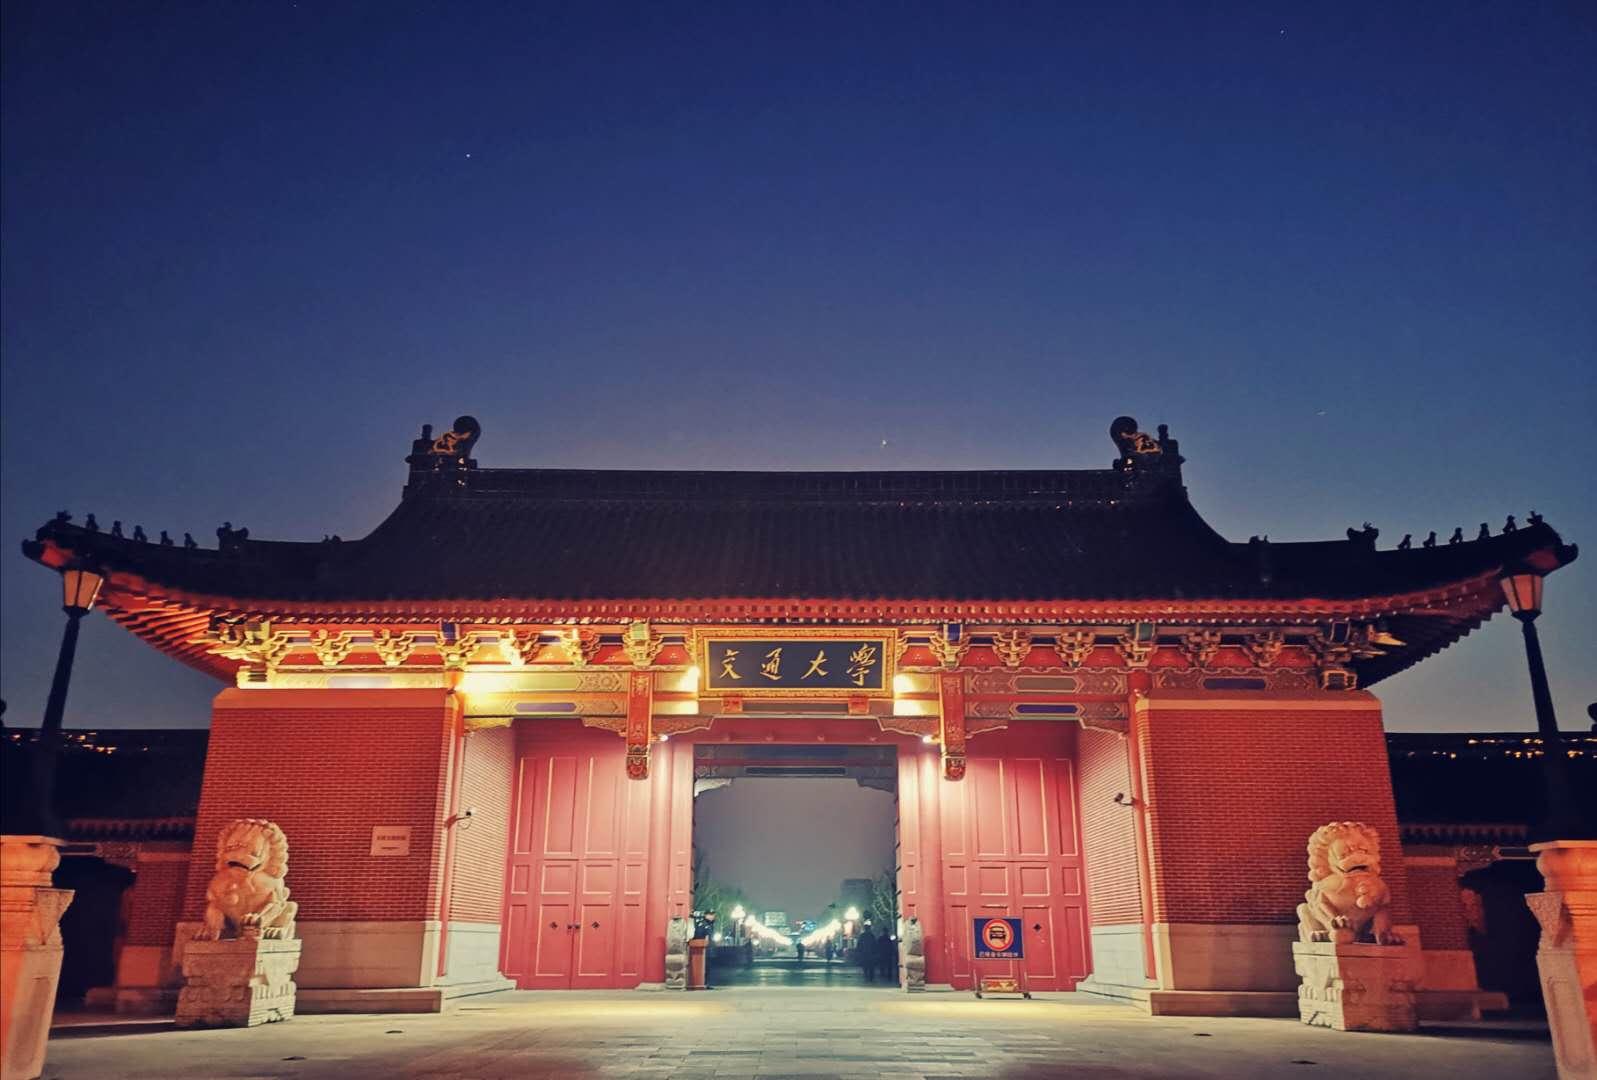 上海交大闵行校区_能够在上海交通大学就读是怎样的一种体验?_百度知道